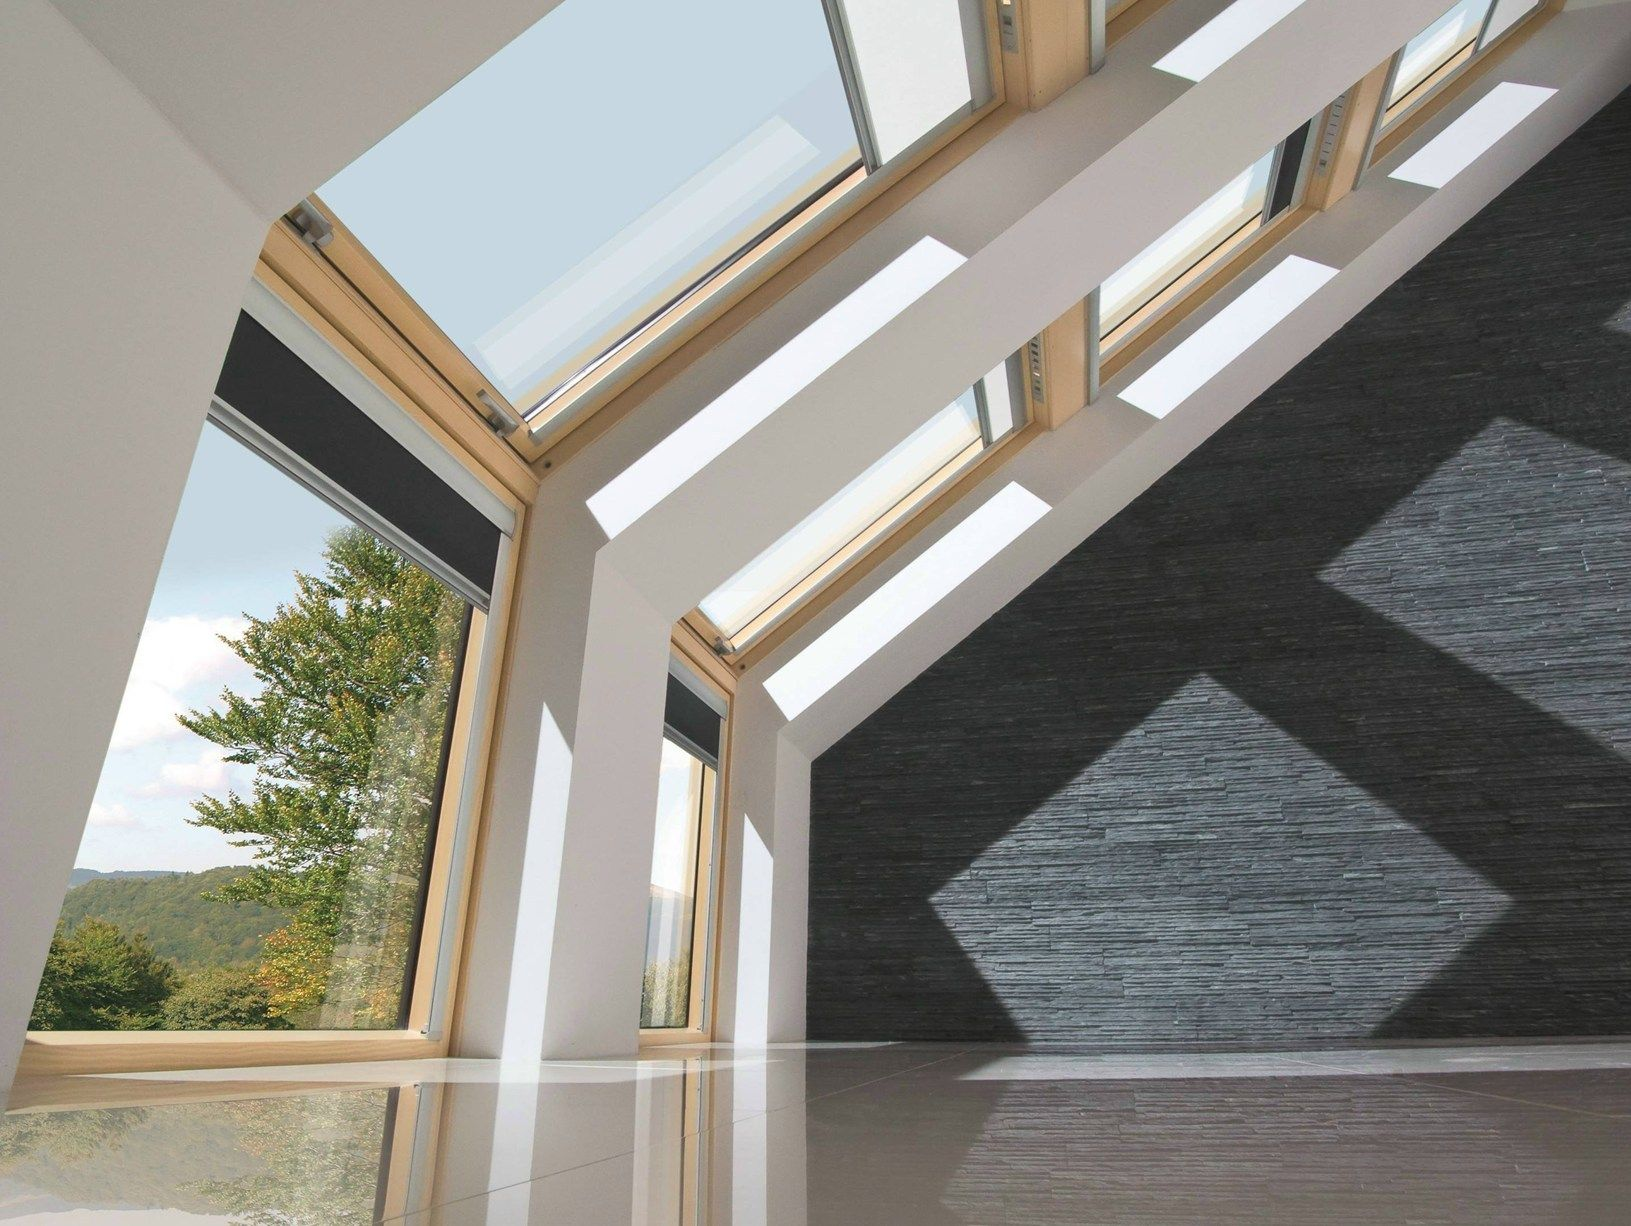 Nuova tenda parasole vmz fakro la soluzione ombreggiante for Tenda finestra tetto